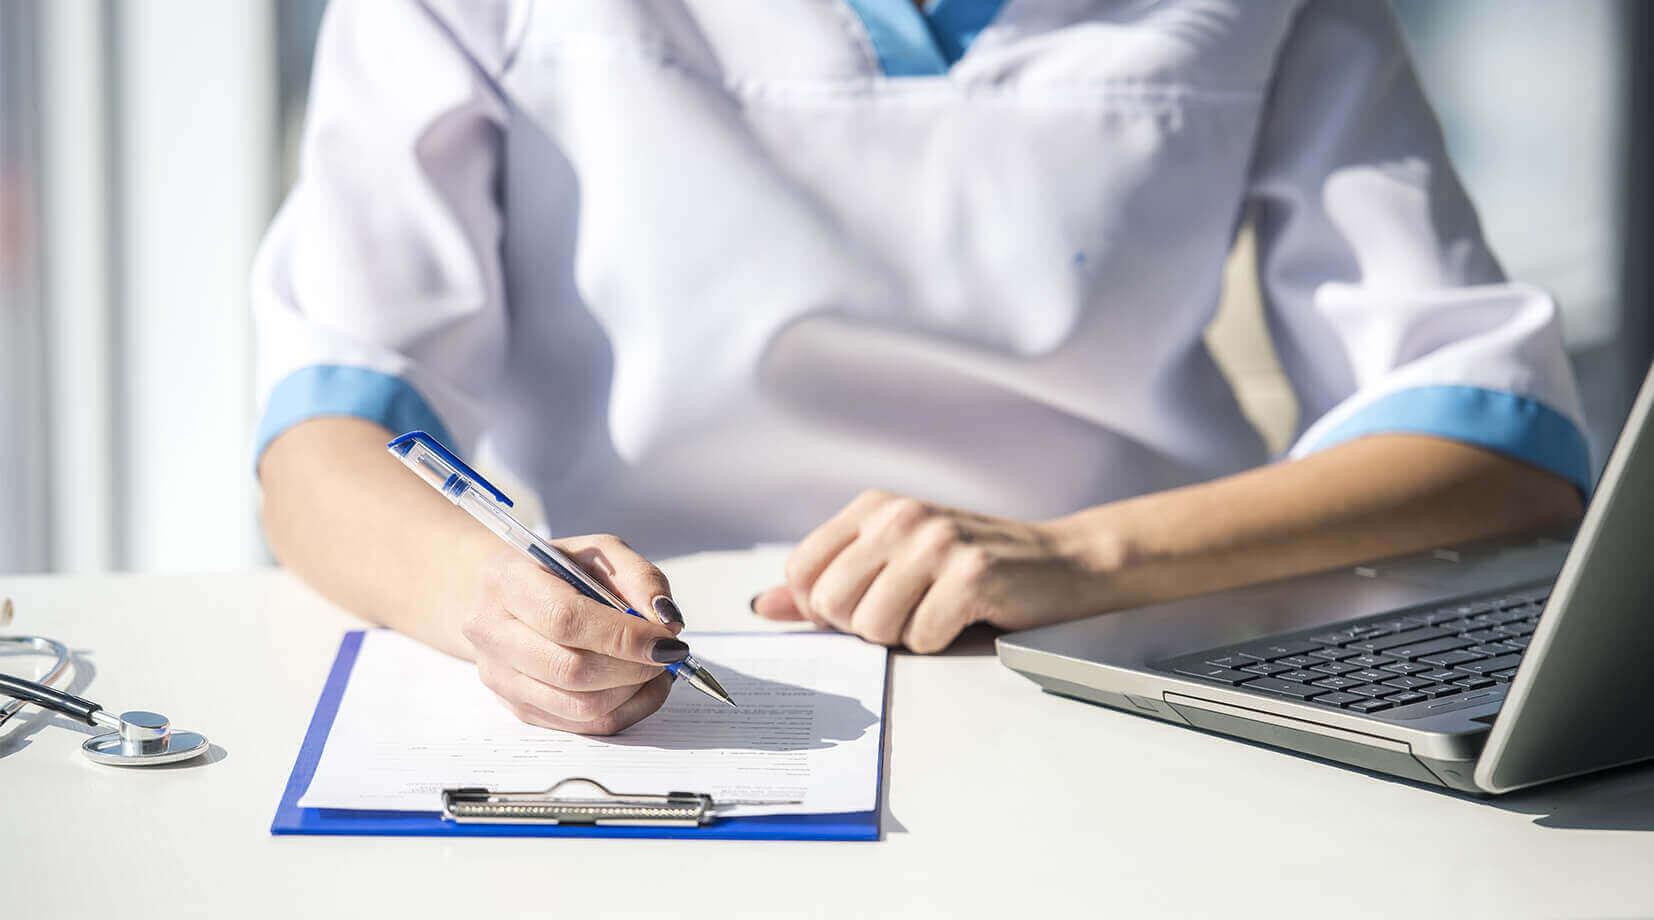 Prace serwisowe w dniu 8.05 - lekarka sporządzająca raport